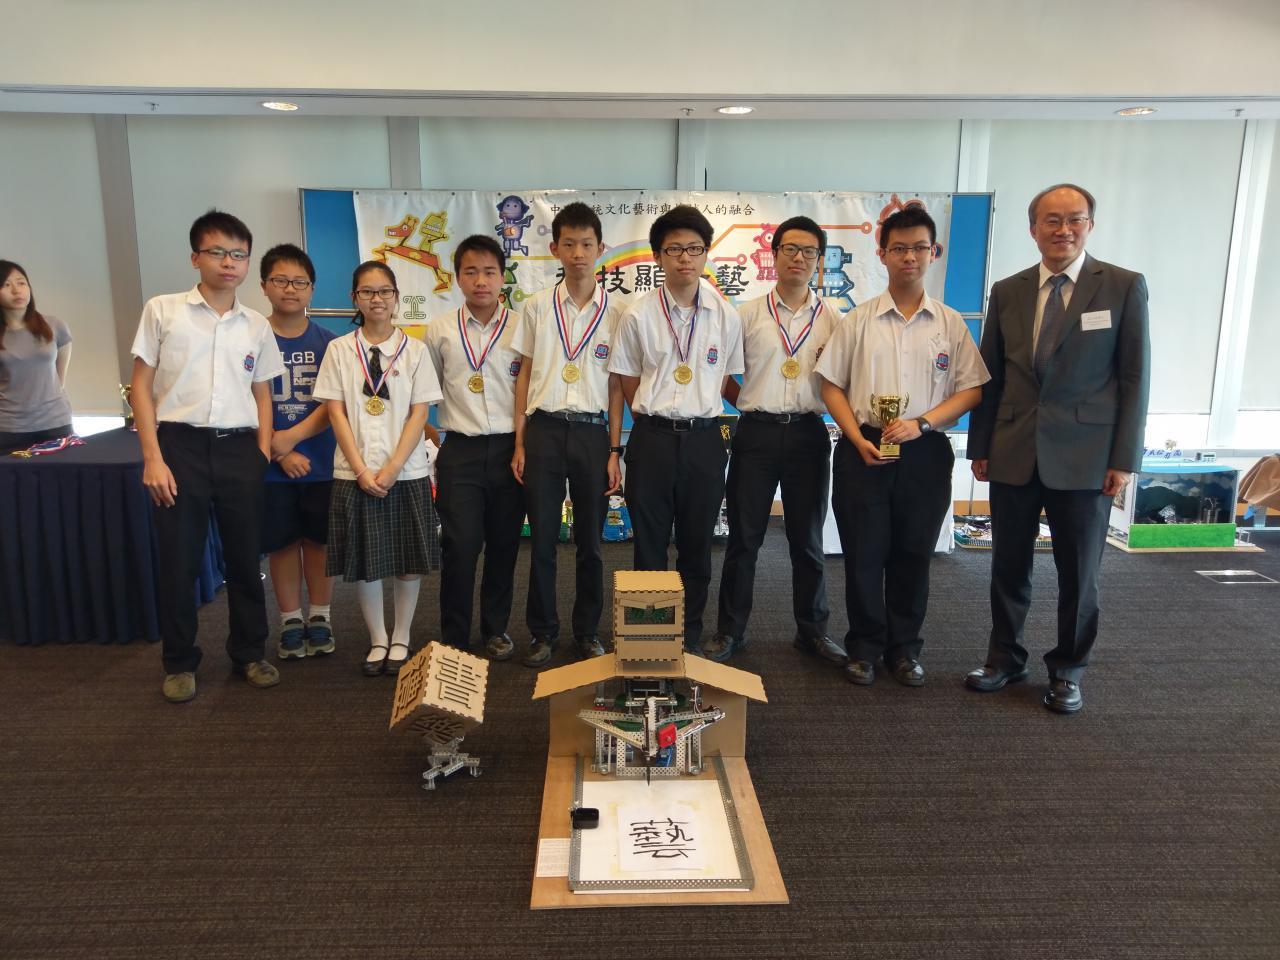 科技顯六藝創意比賽 2018   Shun Lee Catholic Secondary School